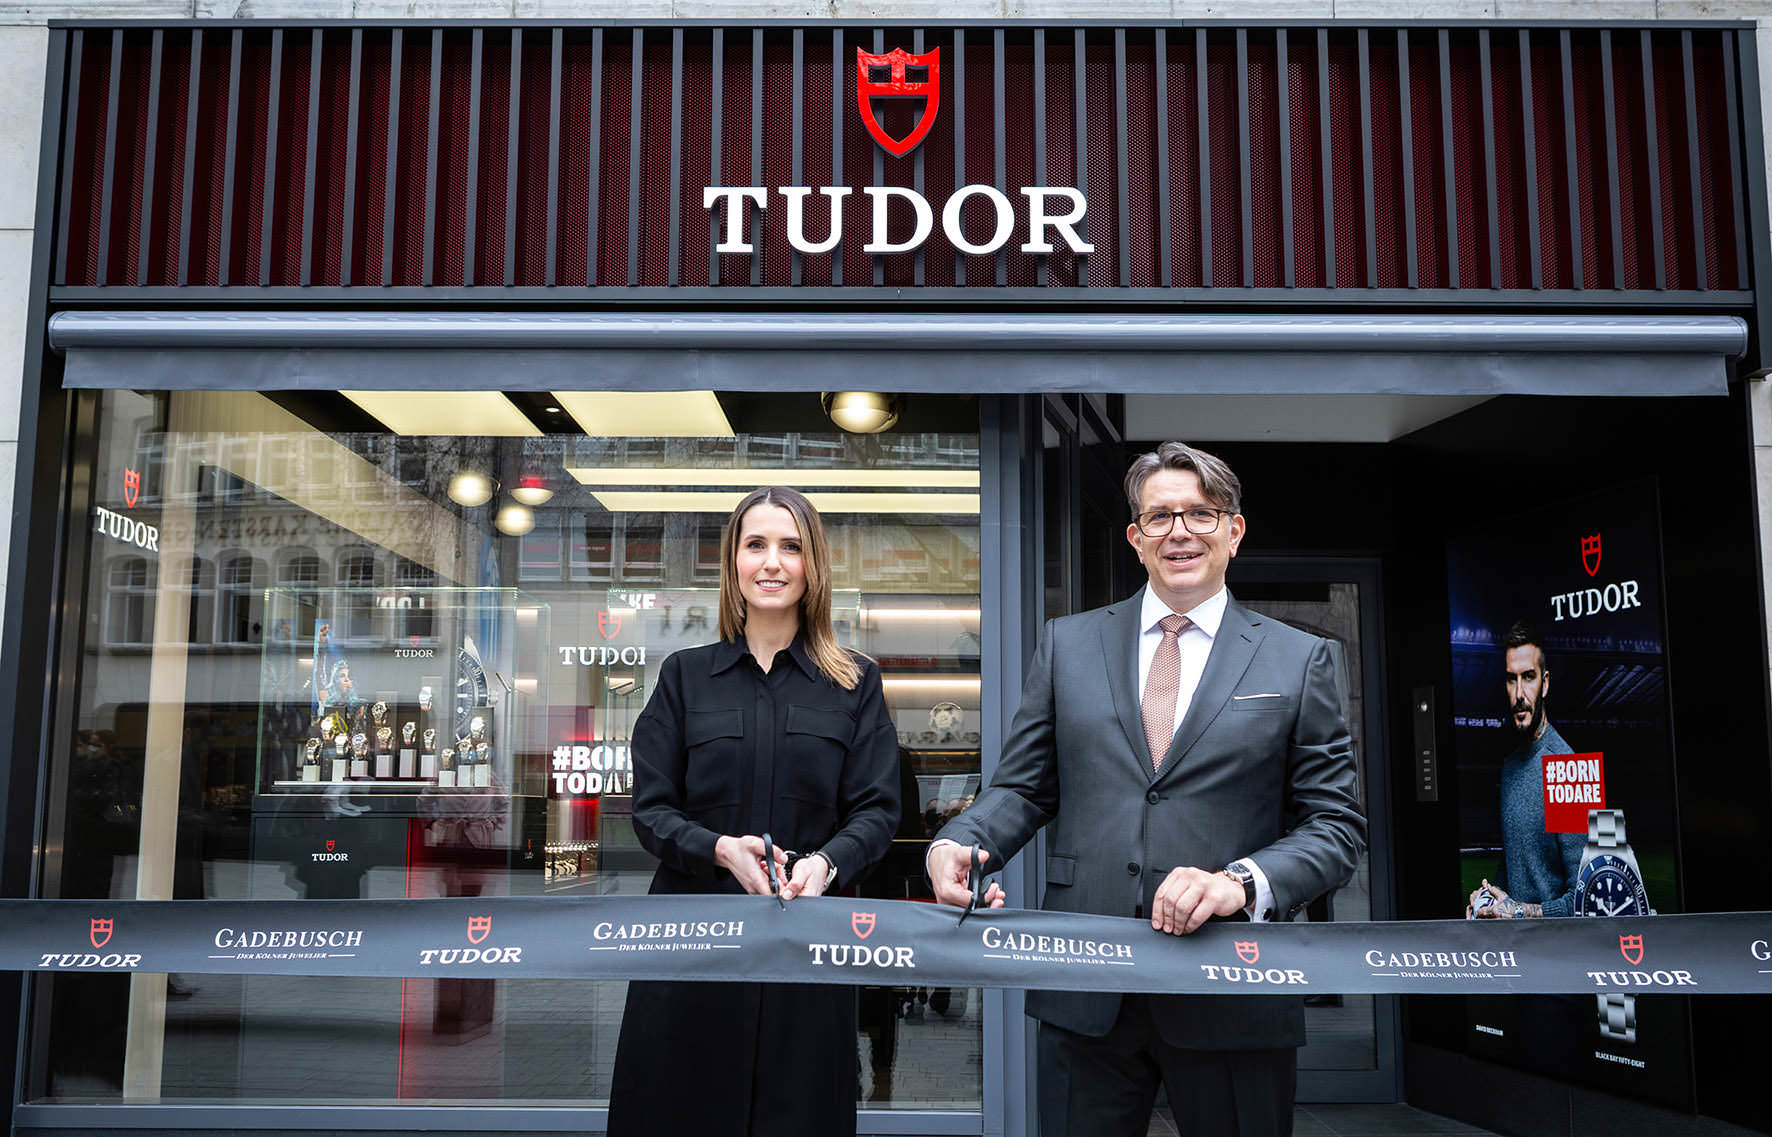 Die erste Tudor Boutique in Deutschland